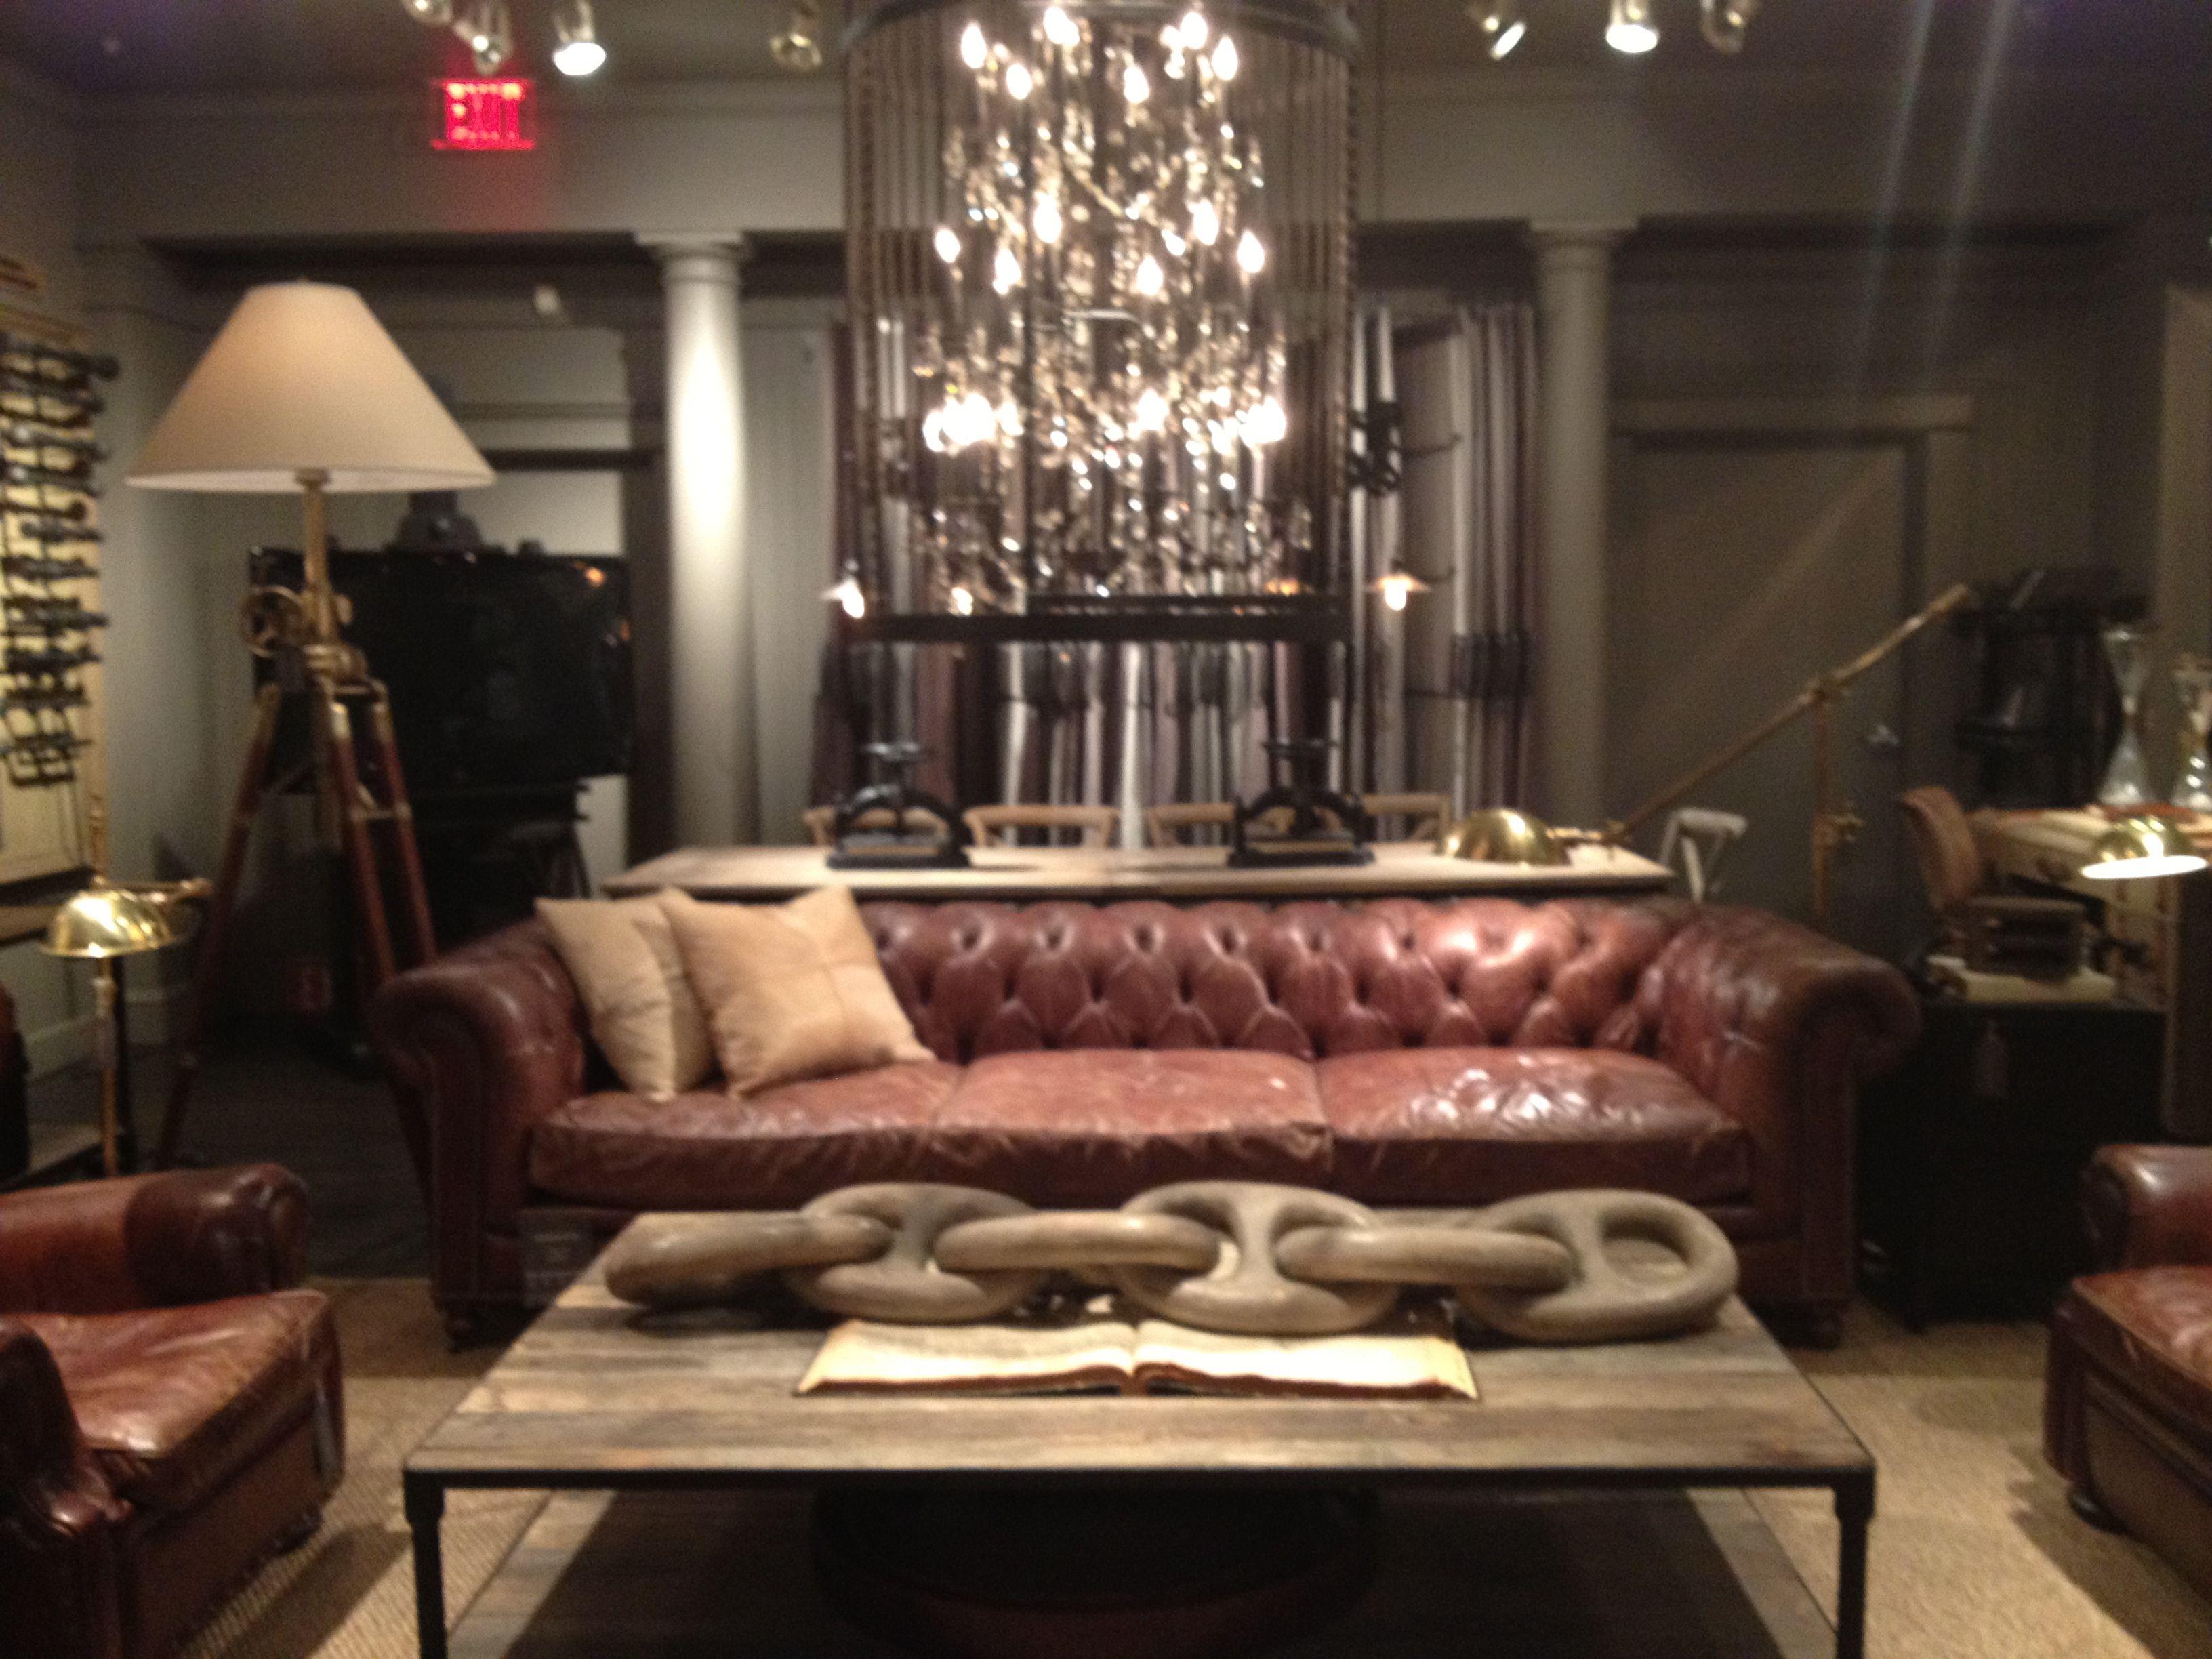 restoration hardware living room decor i love pinterest. Black Bedroom Furniture Sets. Home Design Ideas